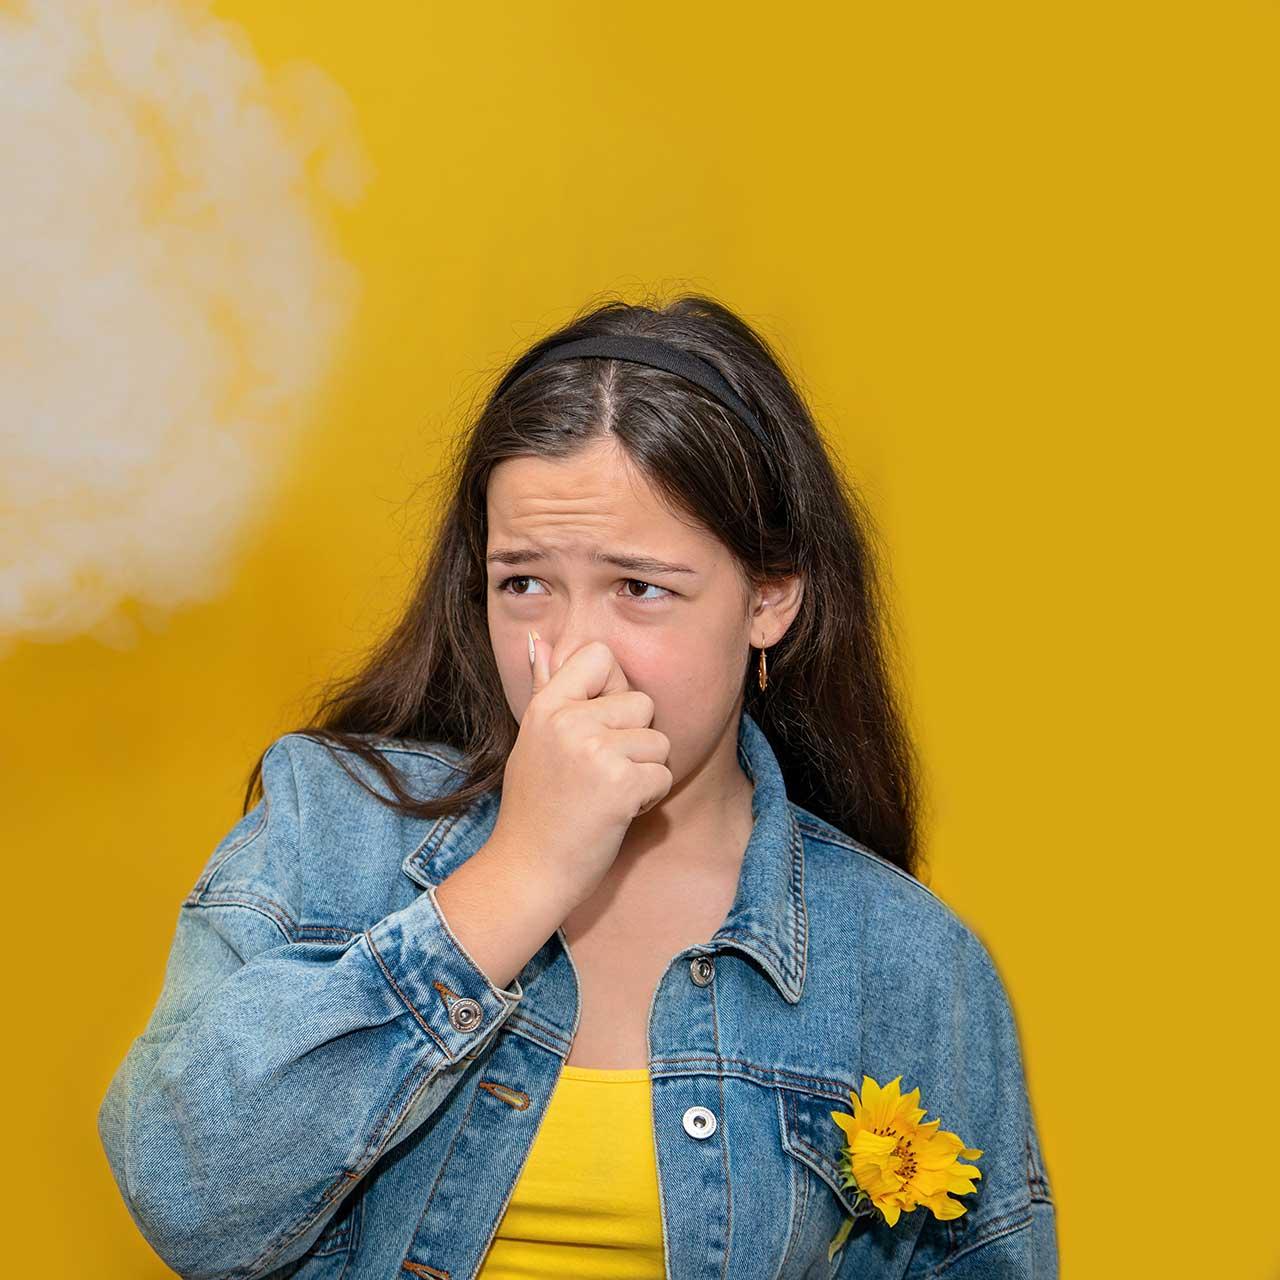 Hogyan legyen jó illat a lakásban?